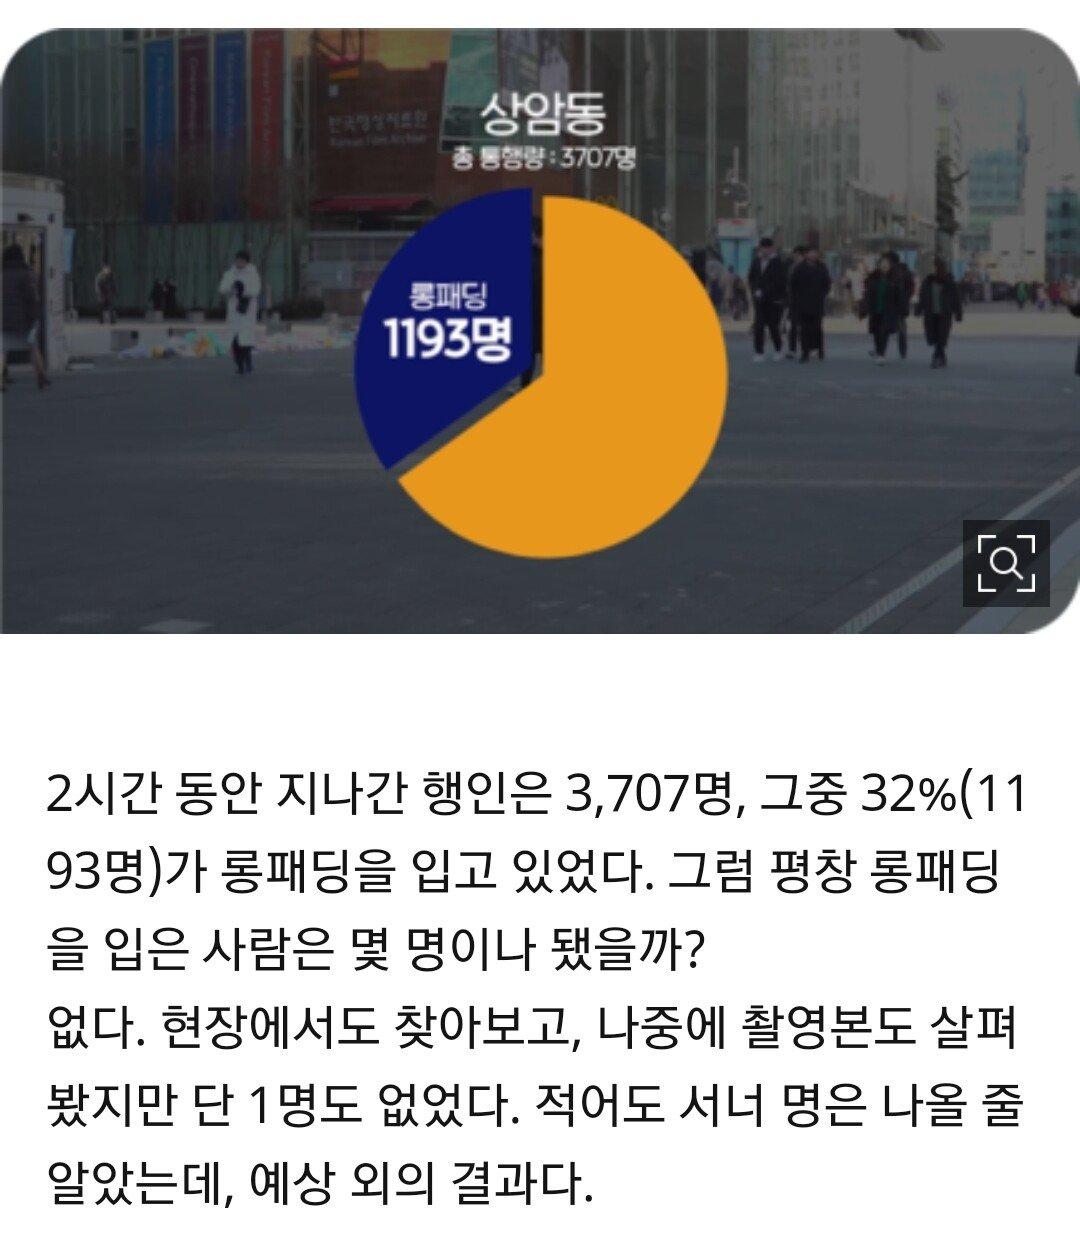 Screenshot_20190210-142957_Samsung Internet.jpg 평창 롱패딩 다 어디로 갔을까?